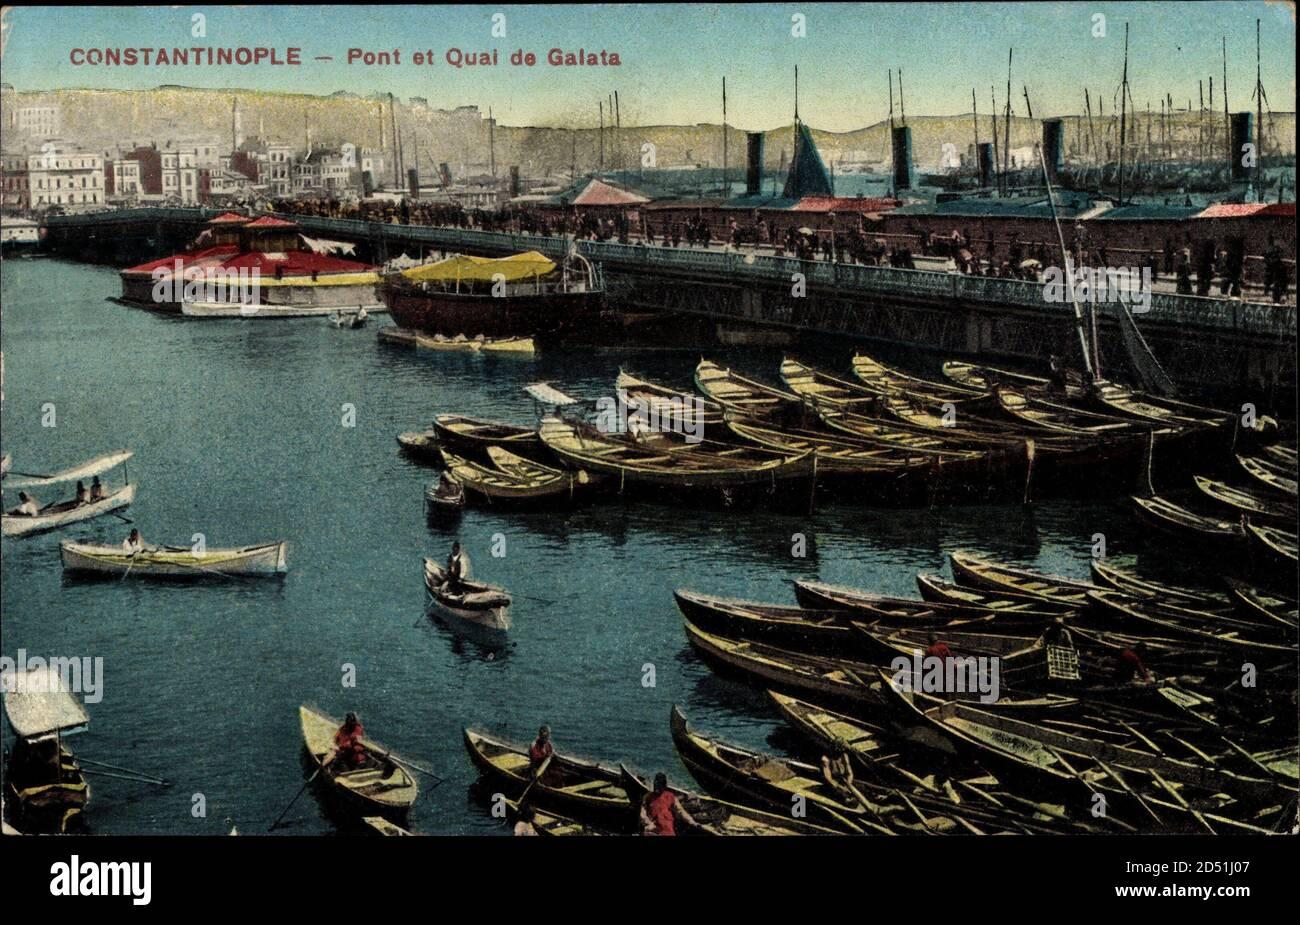 Constantinople Istanbul Türkei, Pont et Quai de Galata, Hafenpartie   utilisation dans le monde entier Banque D'Images